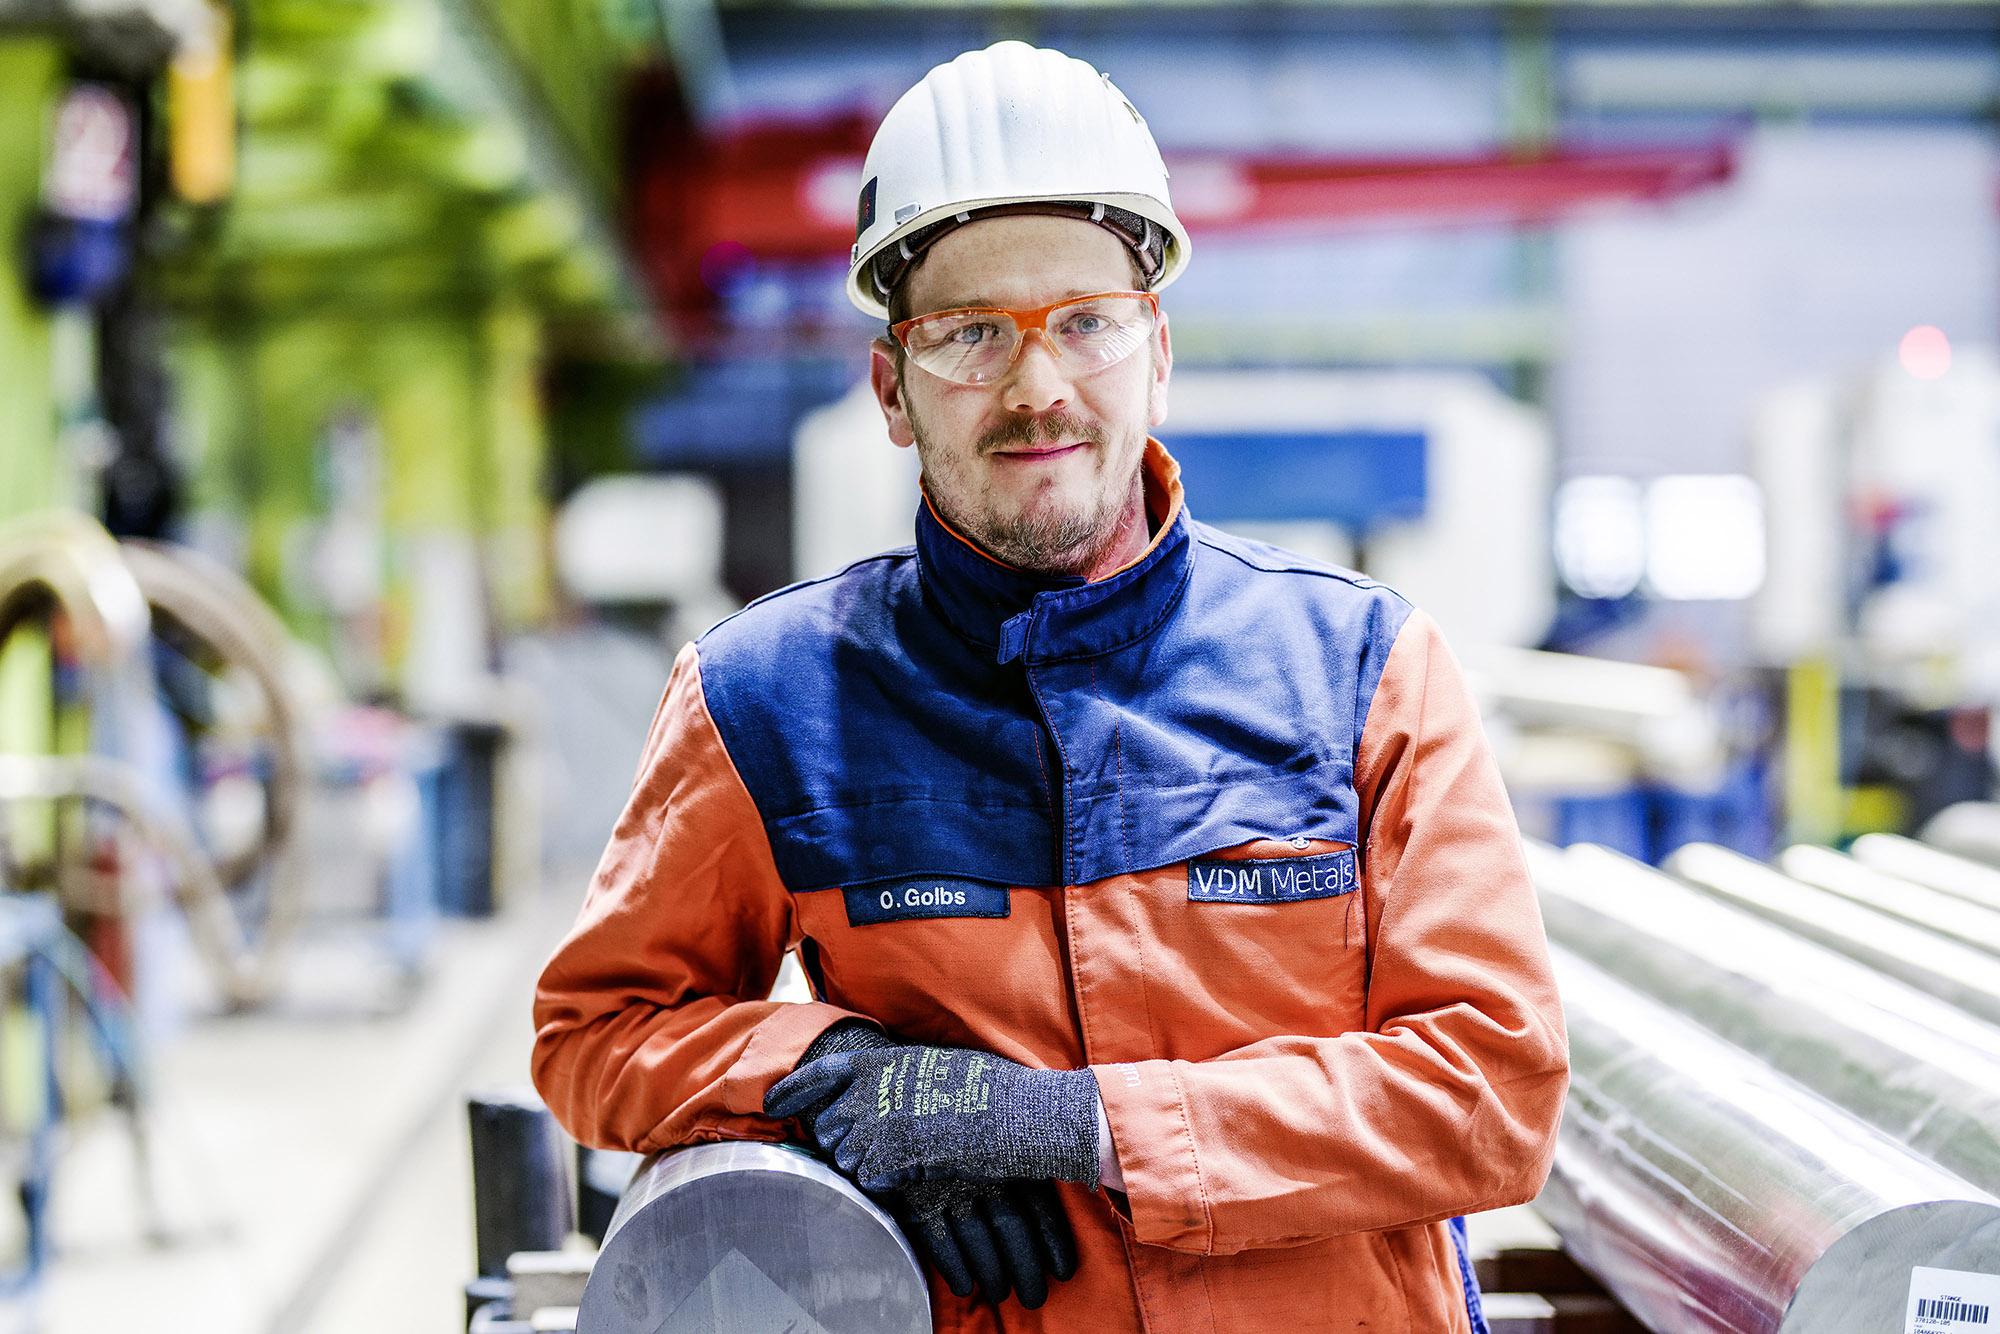 wolfram-schroll_industriefotograf_m19_022